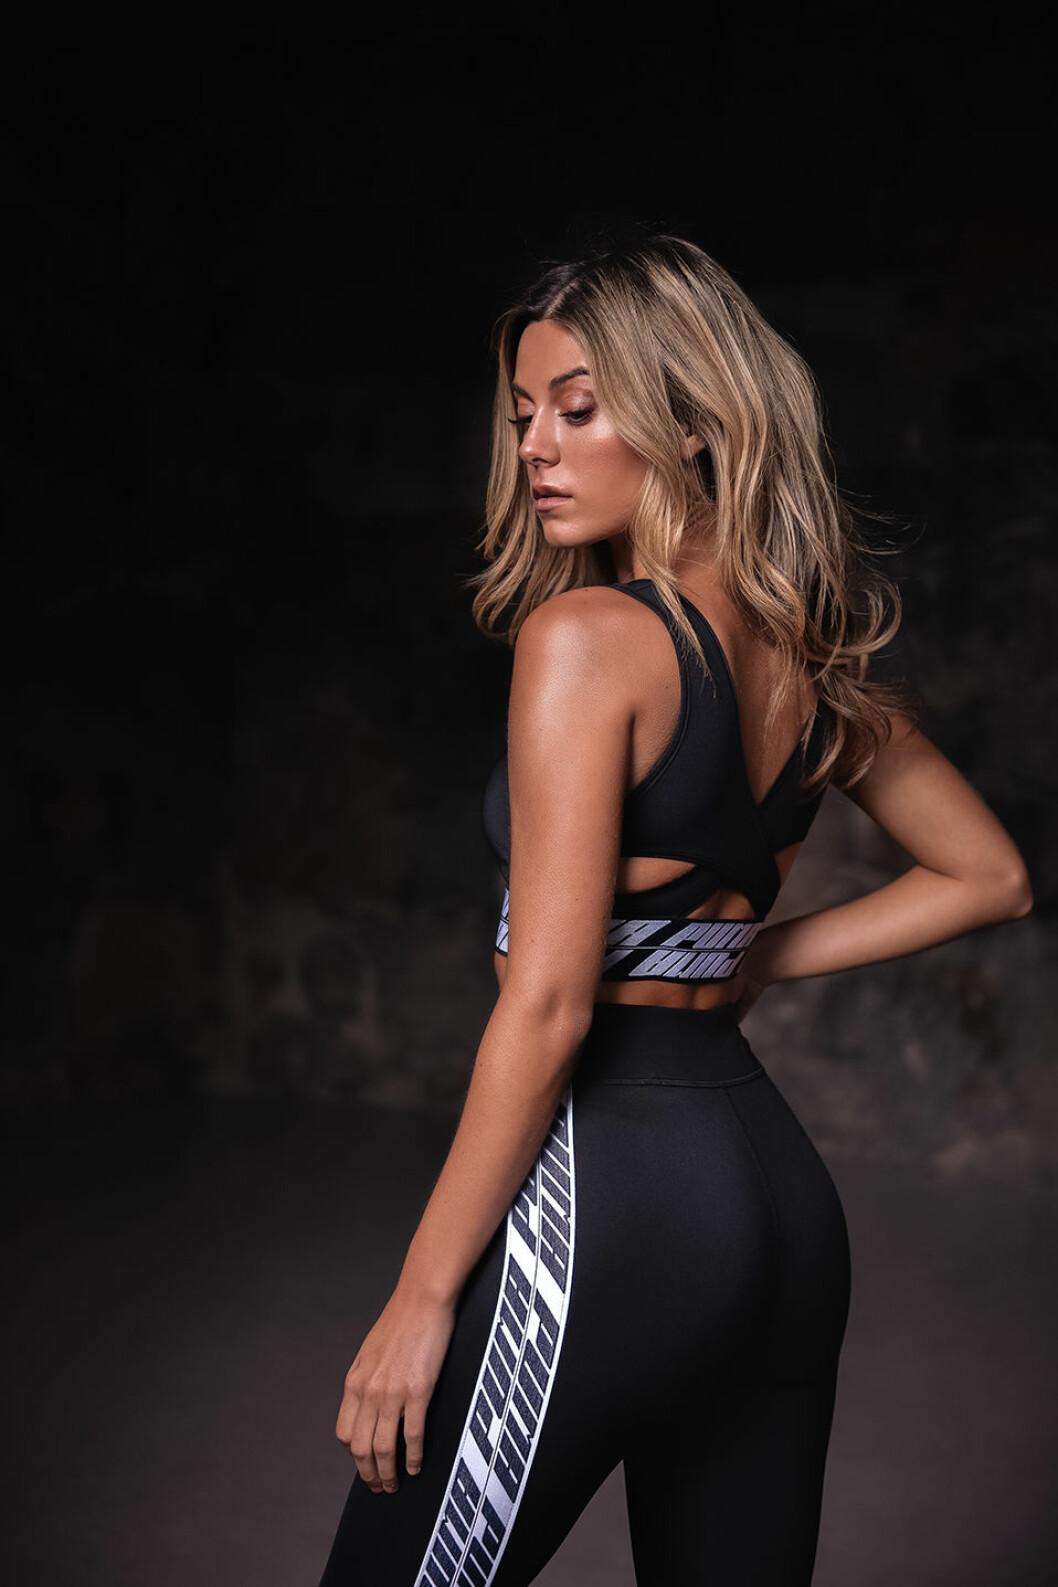 Svarta träningstights med hög midja är ett måste i Biancas träningsgarderob.